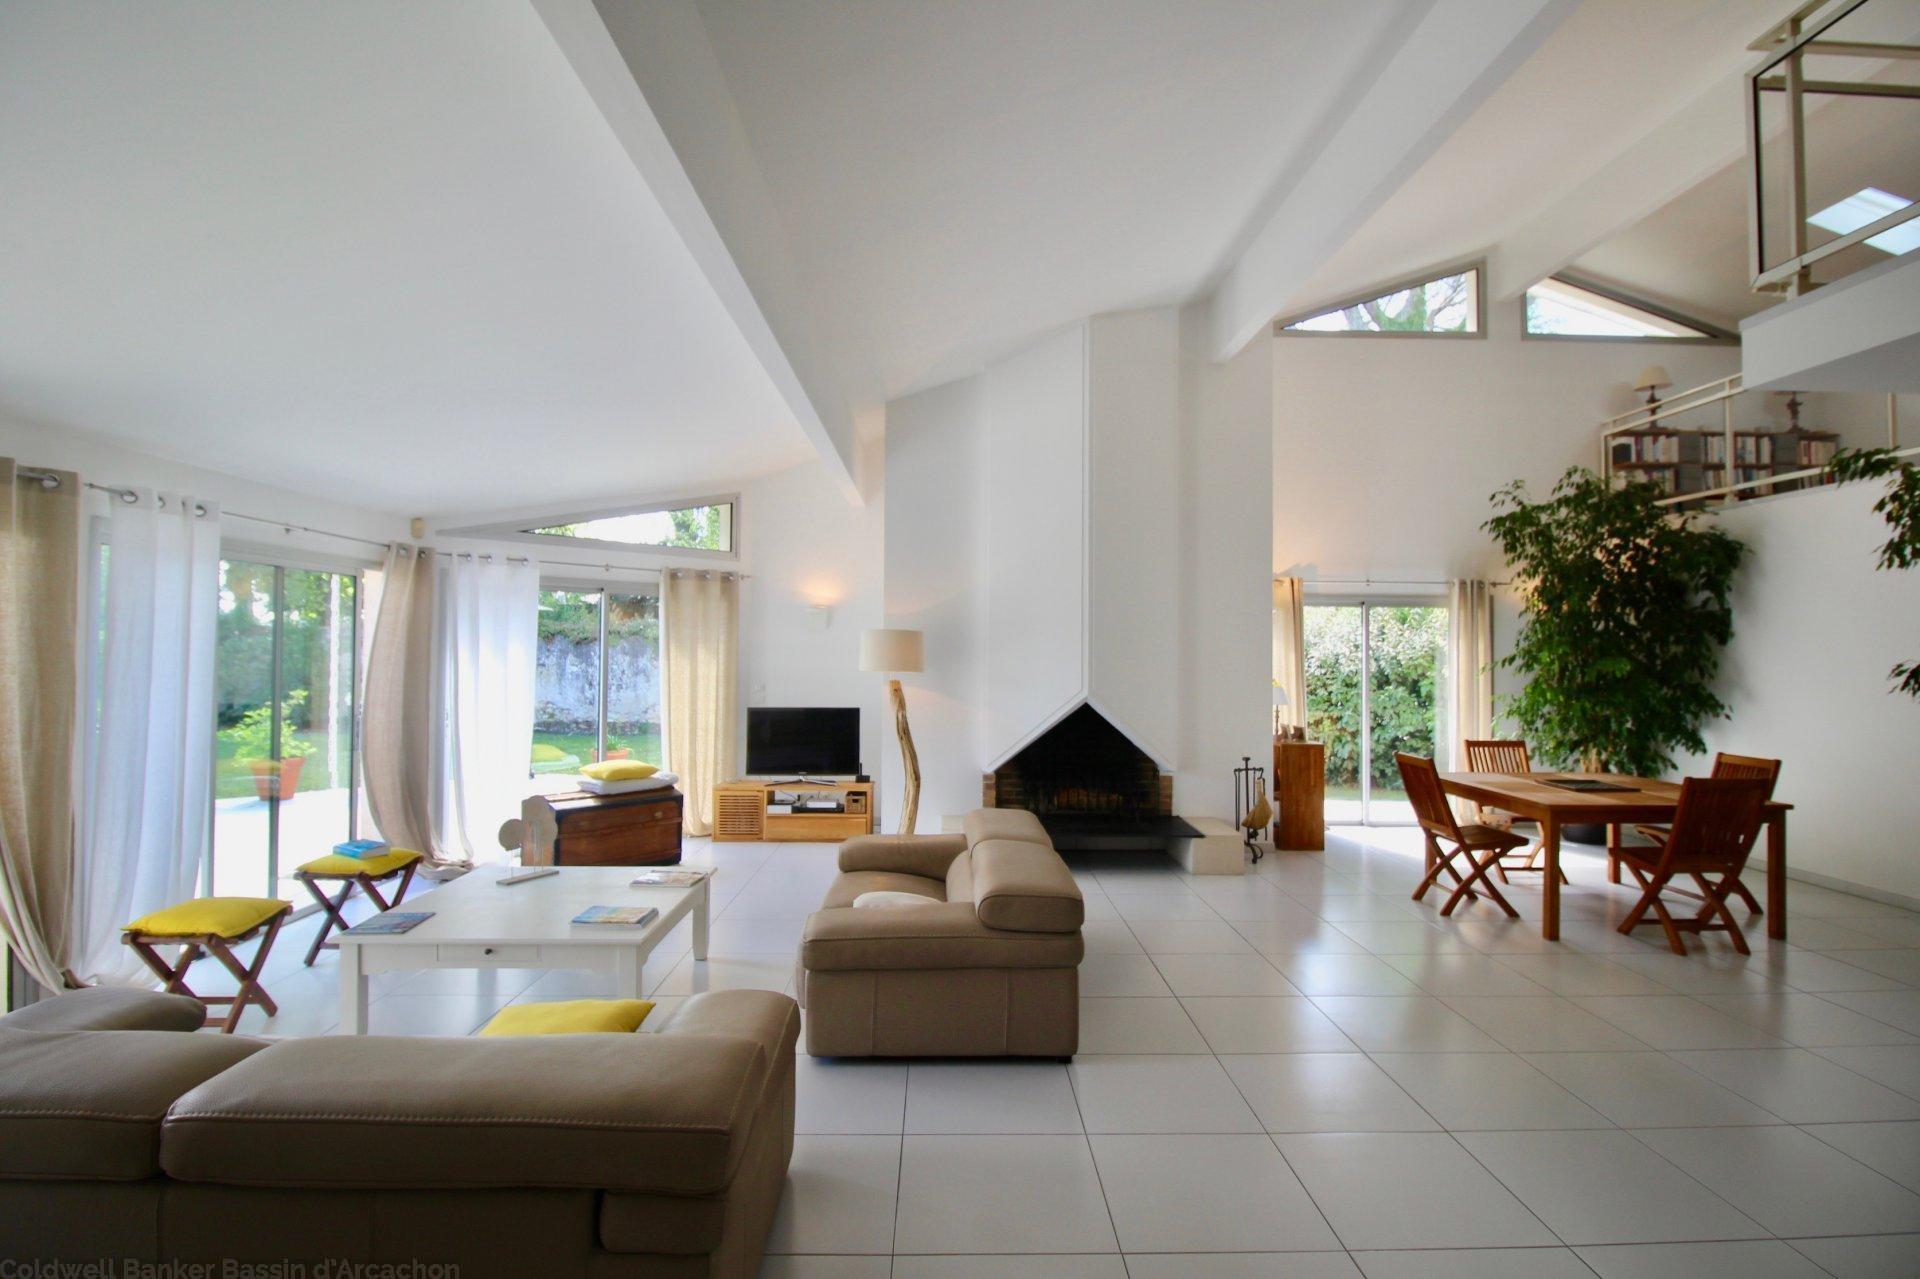 vente maison familiale 4 chambres plain pied avec jardin et piscine près bordeaux a merignac